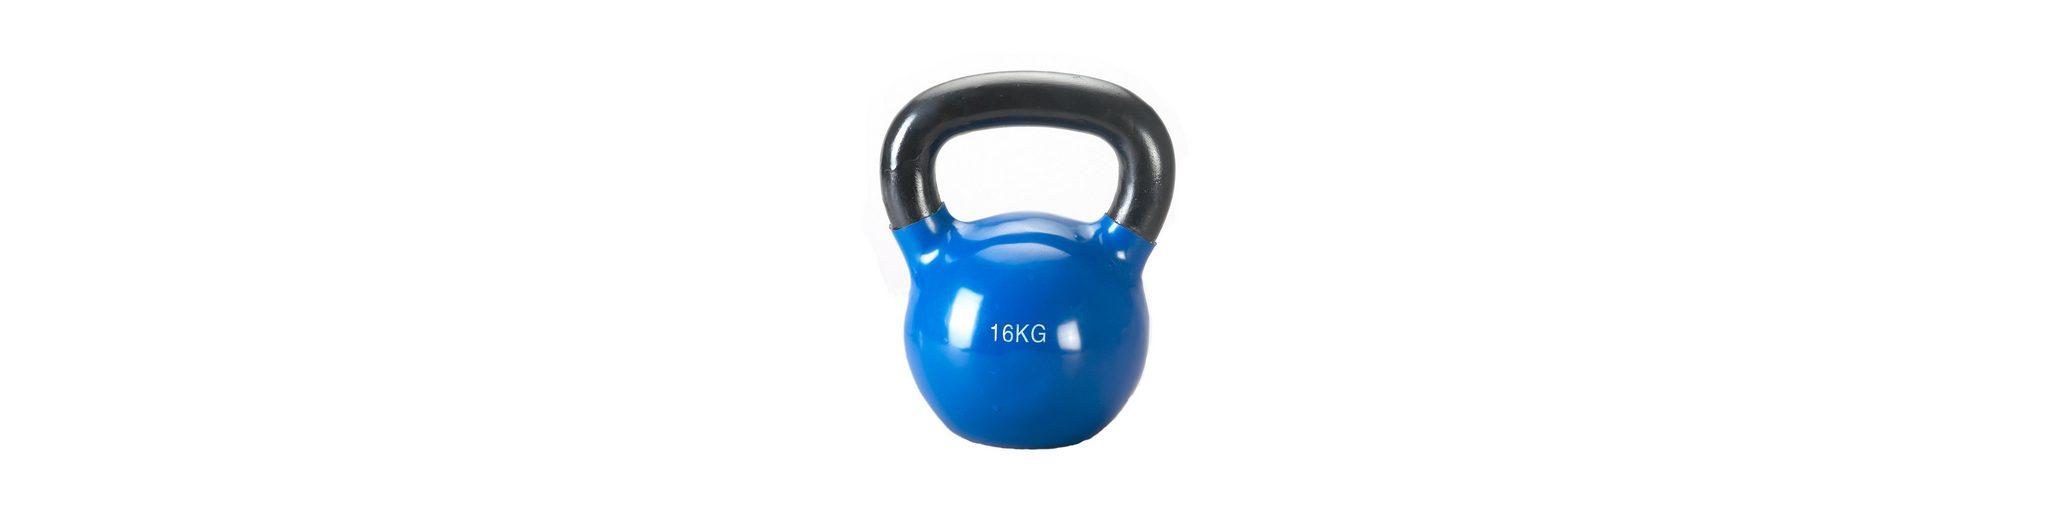 Handgewicht, Ju-Sports, »Kettle Bell« (1 Stck.)